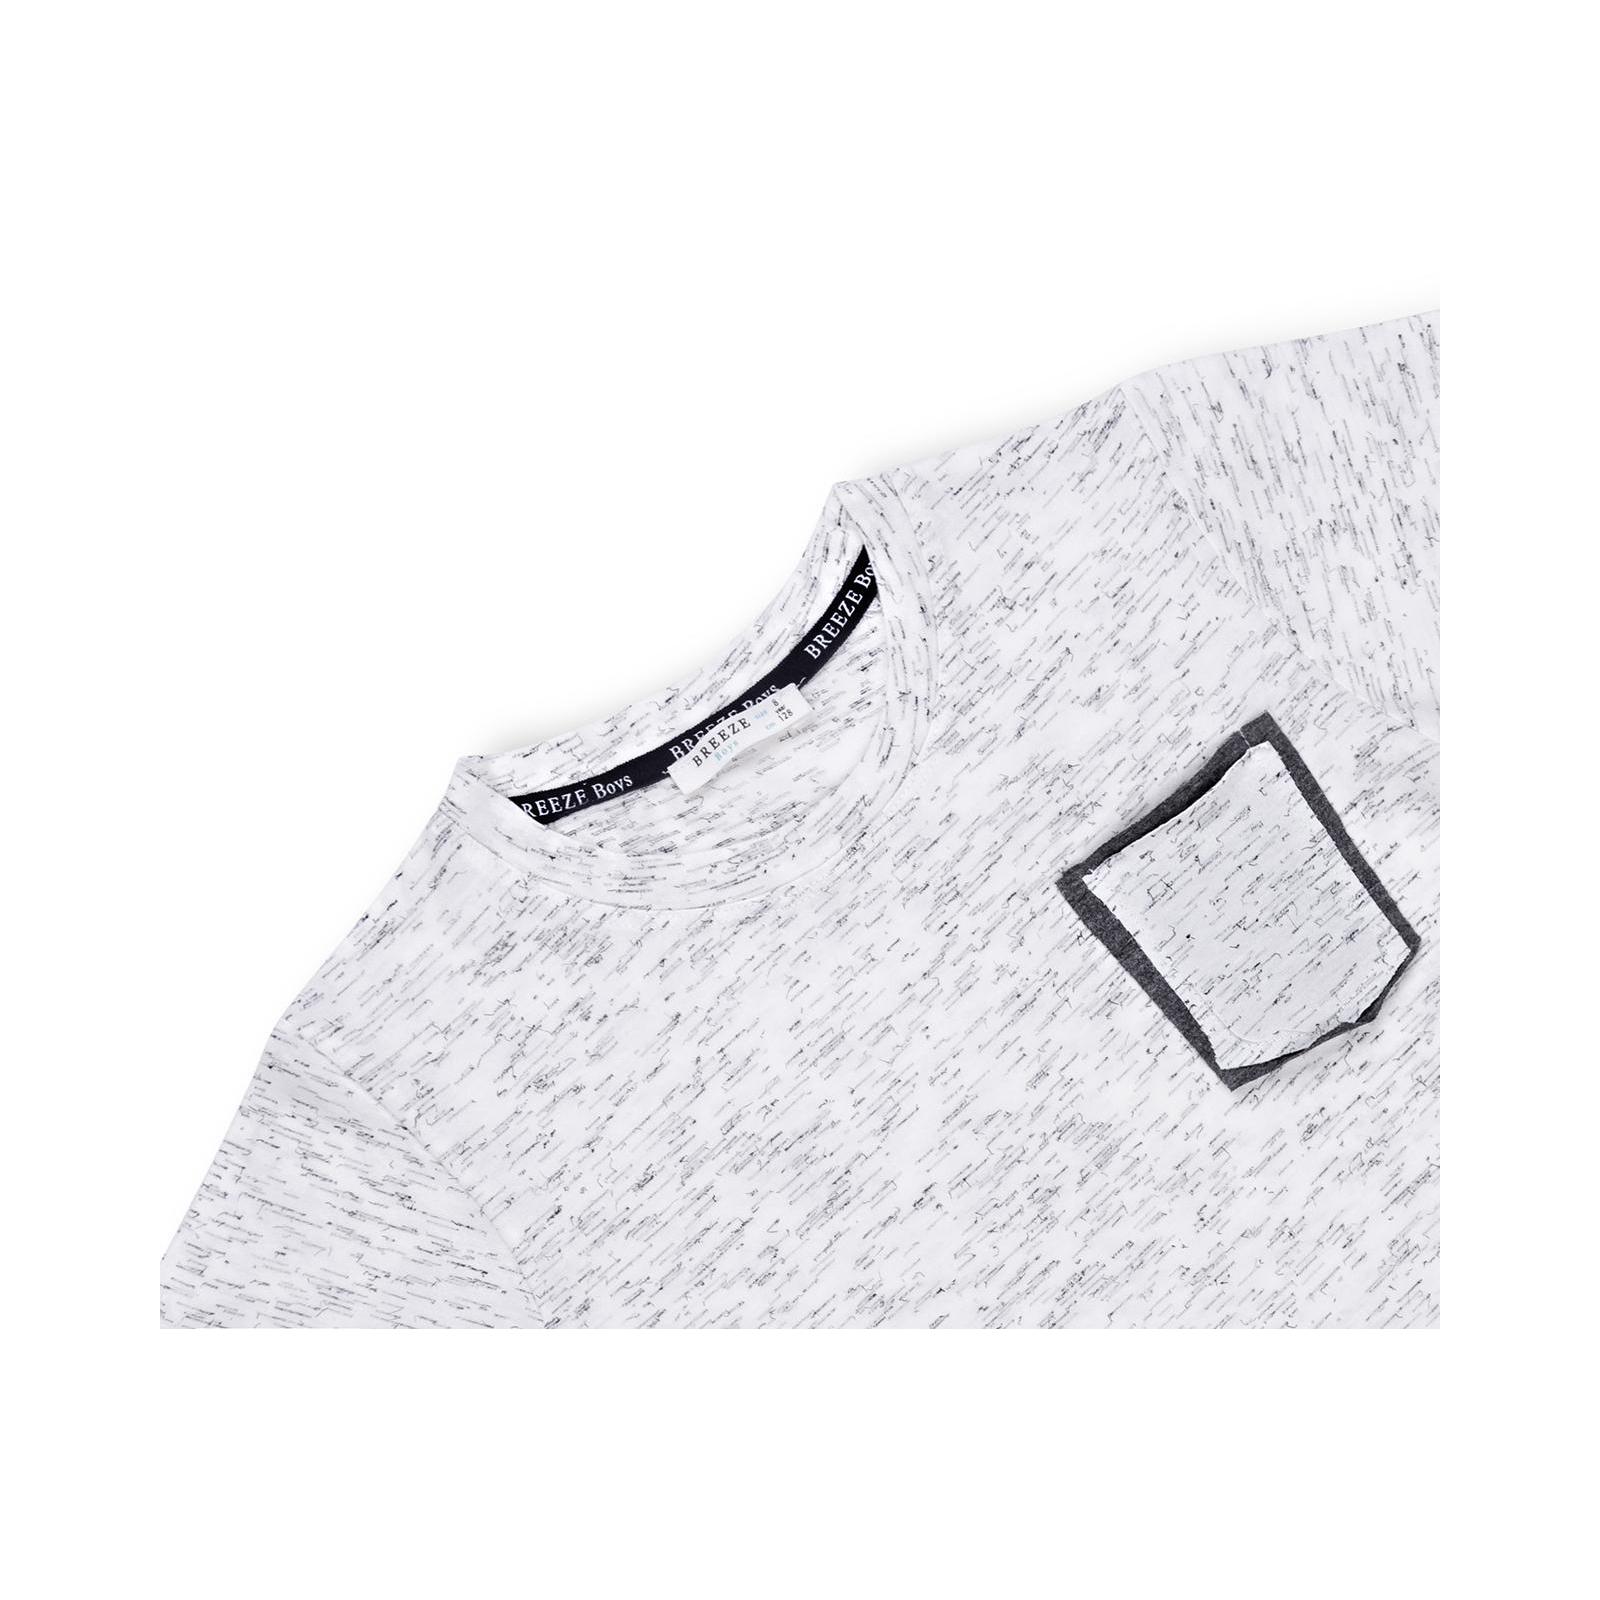 Футболка детская Breeze с карманчиком (11075-140B-gray) изображение 3